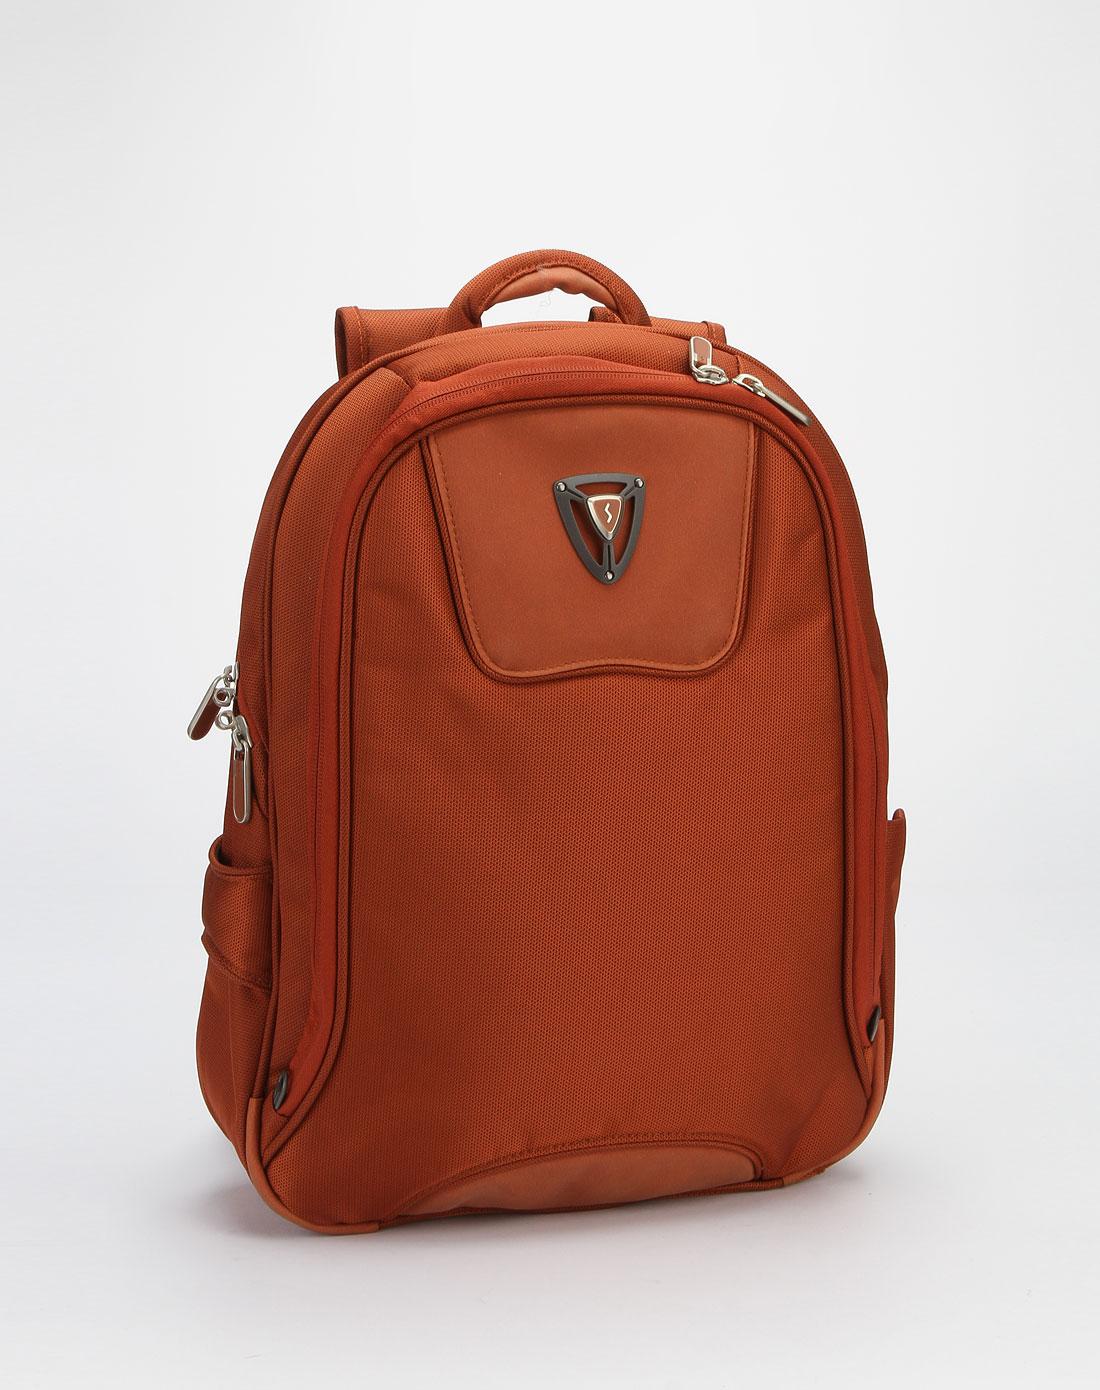 森泰斯sumdex中性橙色时尚休闲双肩电脑包pjn-504lo